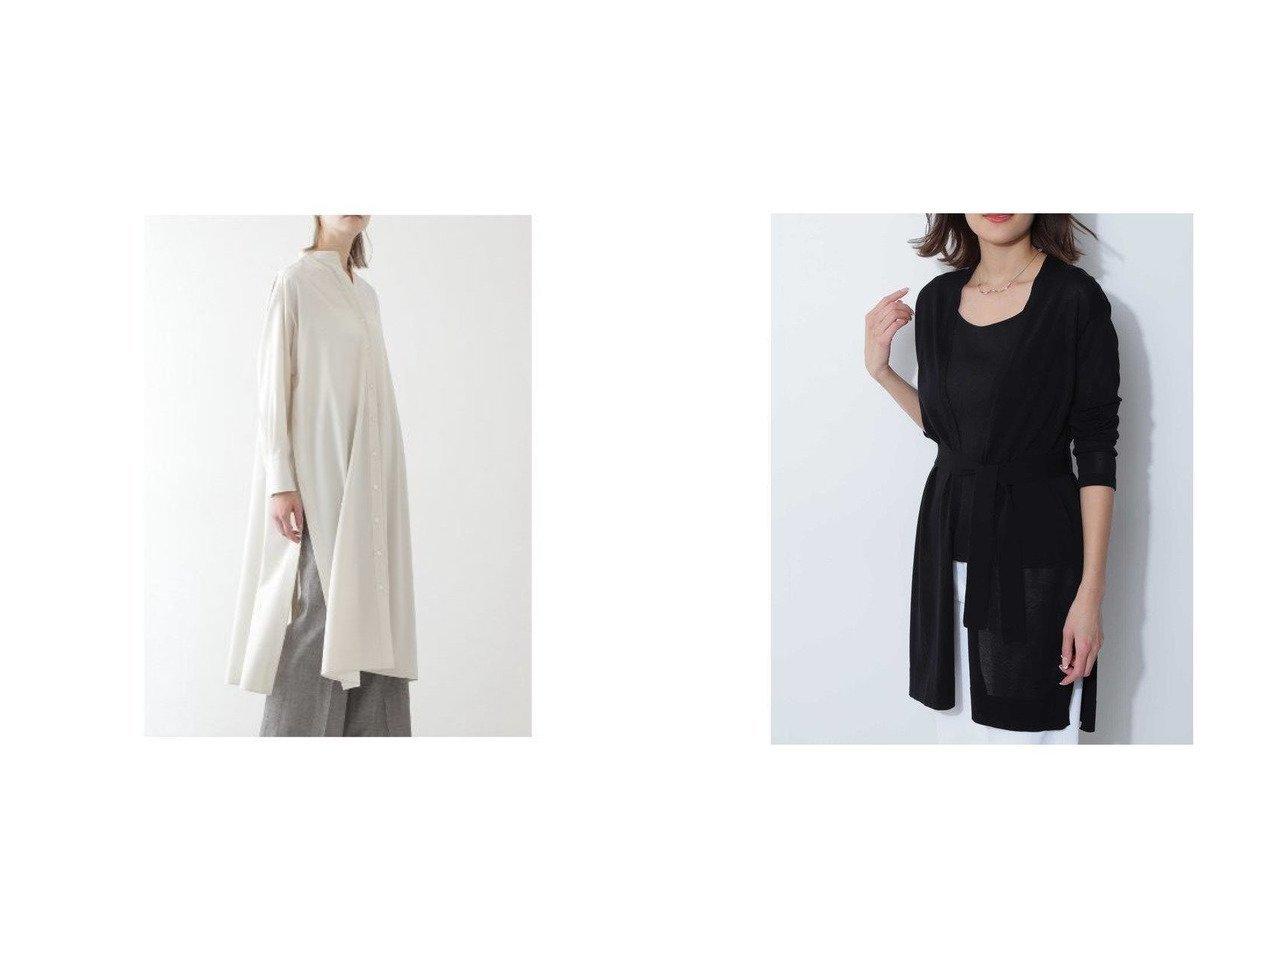 【BOSCH/ボッシュ】のドライハイゲージカーディガン&ロングブラウス BOSCHのおすすめ!人気、トレンド・レディースファッションの通販 おすすめで人気の流行・トレンド、ファッションの通販商品 メンズファッション・キッズファッション・インテリア・家具・レディースファッション・服の通販 founy(ファニー) https://founy.com/ ファッション Fashion レディースファッション WOMEN トップス カットソー Tops Tshirt シャツ/ブラウス Shirts Blouses カーディガン Cardigans カフス スリット ビッグ フロント ロング 羽織 カーディガン ガウン ブラウジング |ID:crp329100000019953